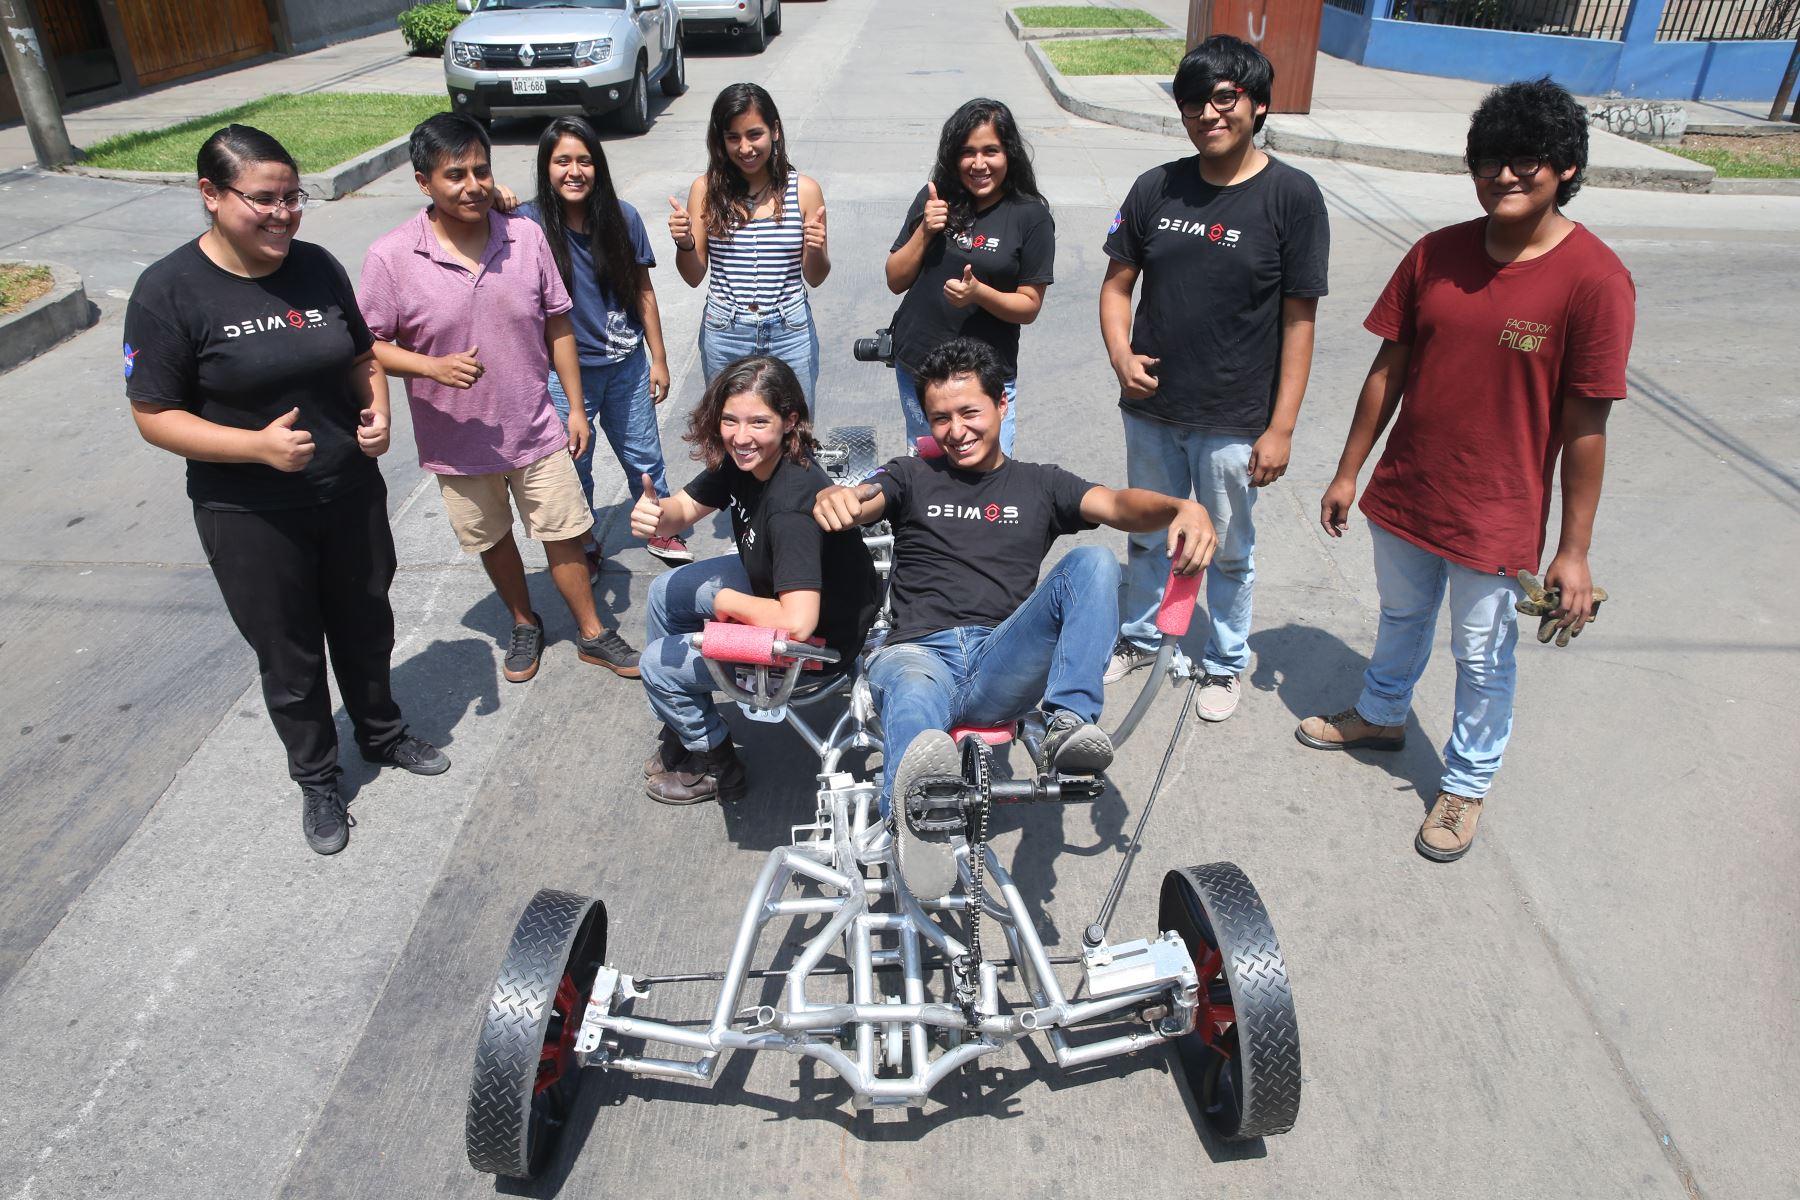 Equipo peruano va por el Premio a Mejor Diseño y Mejor Diseño de Rueda en concurso de NASA. Foto: ANDINA/Eddy Ramos